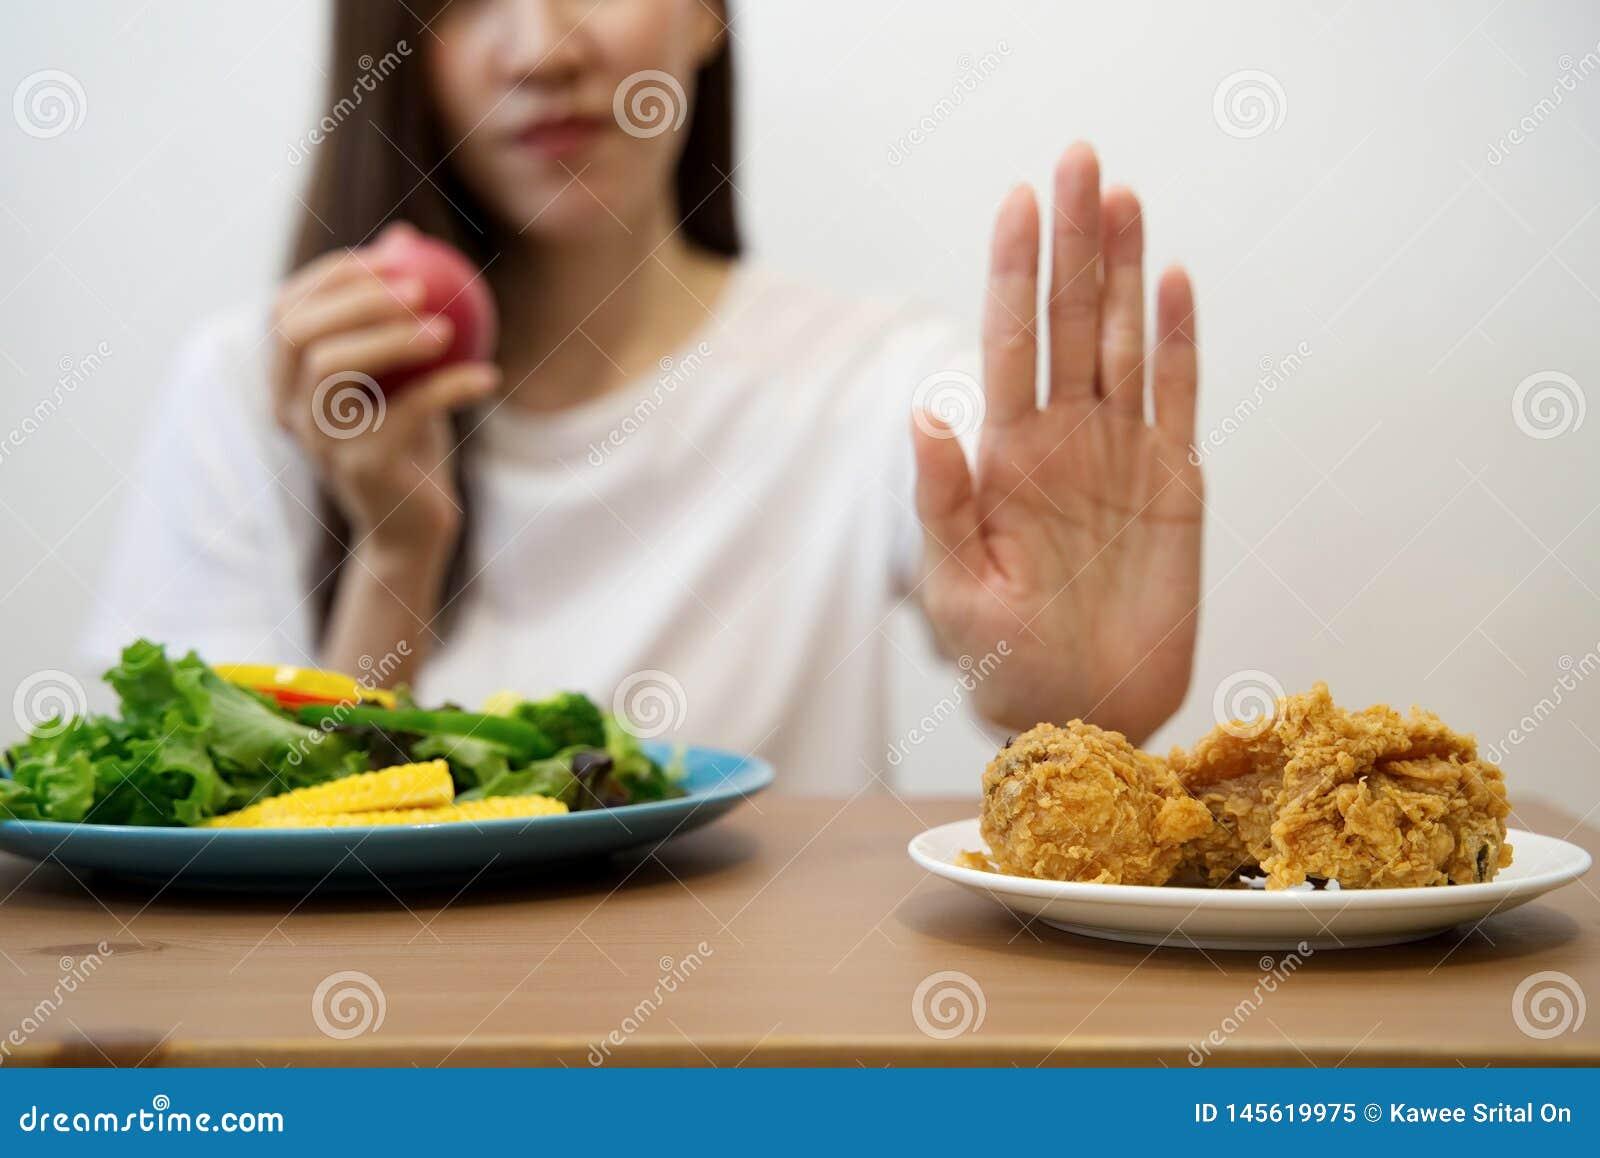 节食的少女身体好概念的 结束女性使用手废弃物垃圾食品通过推出她的油煎的喜爱